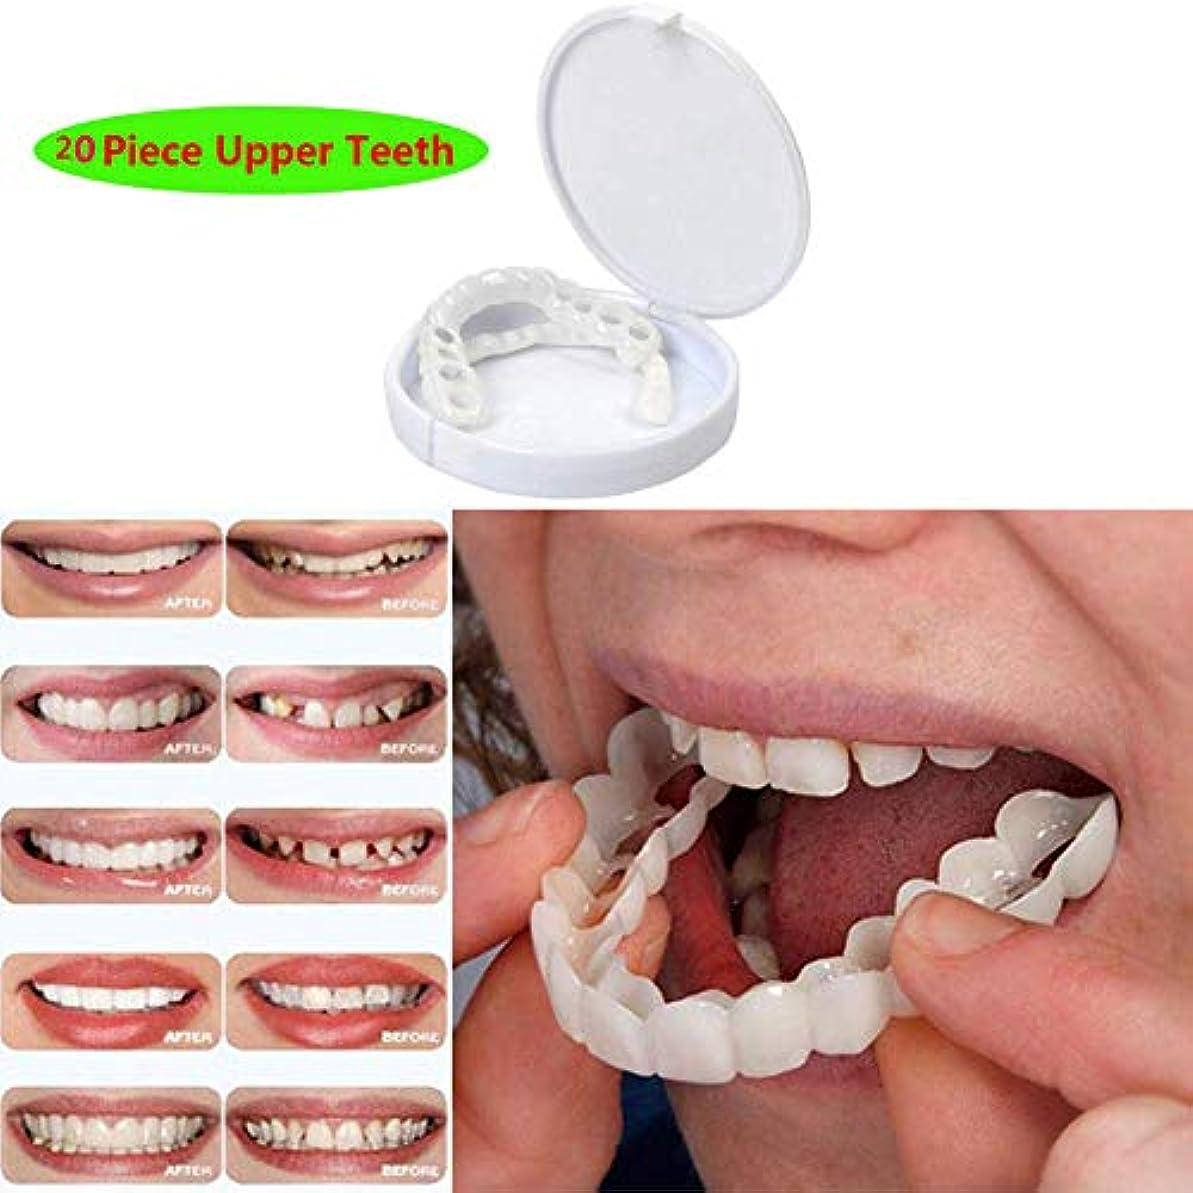 過剰攻撃服を片付ける一時的な化粧品の歯義歯の歯快適な屈曲を完全に白くする化粧品の模倣された上部の支柱わずかな分のベニヤ、20PCS上部の歯